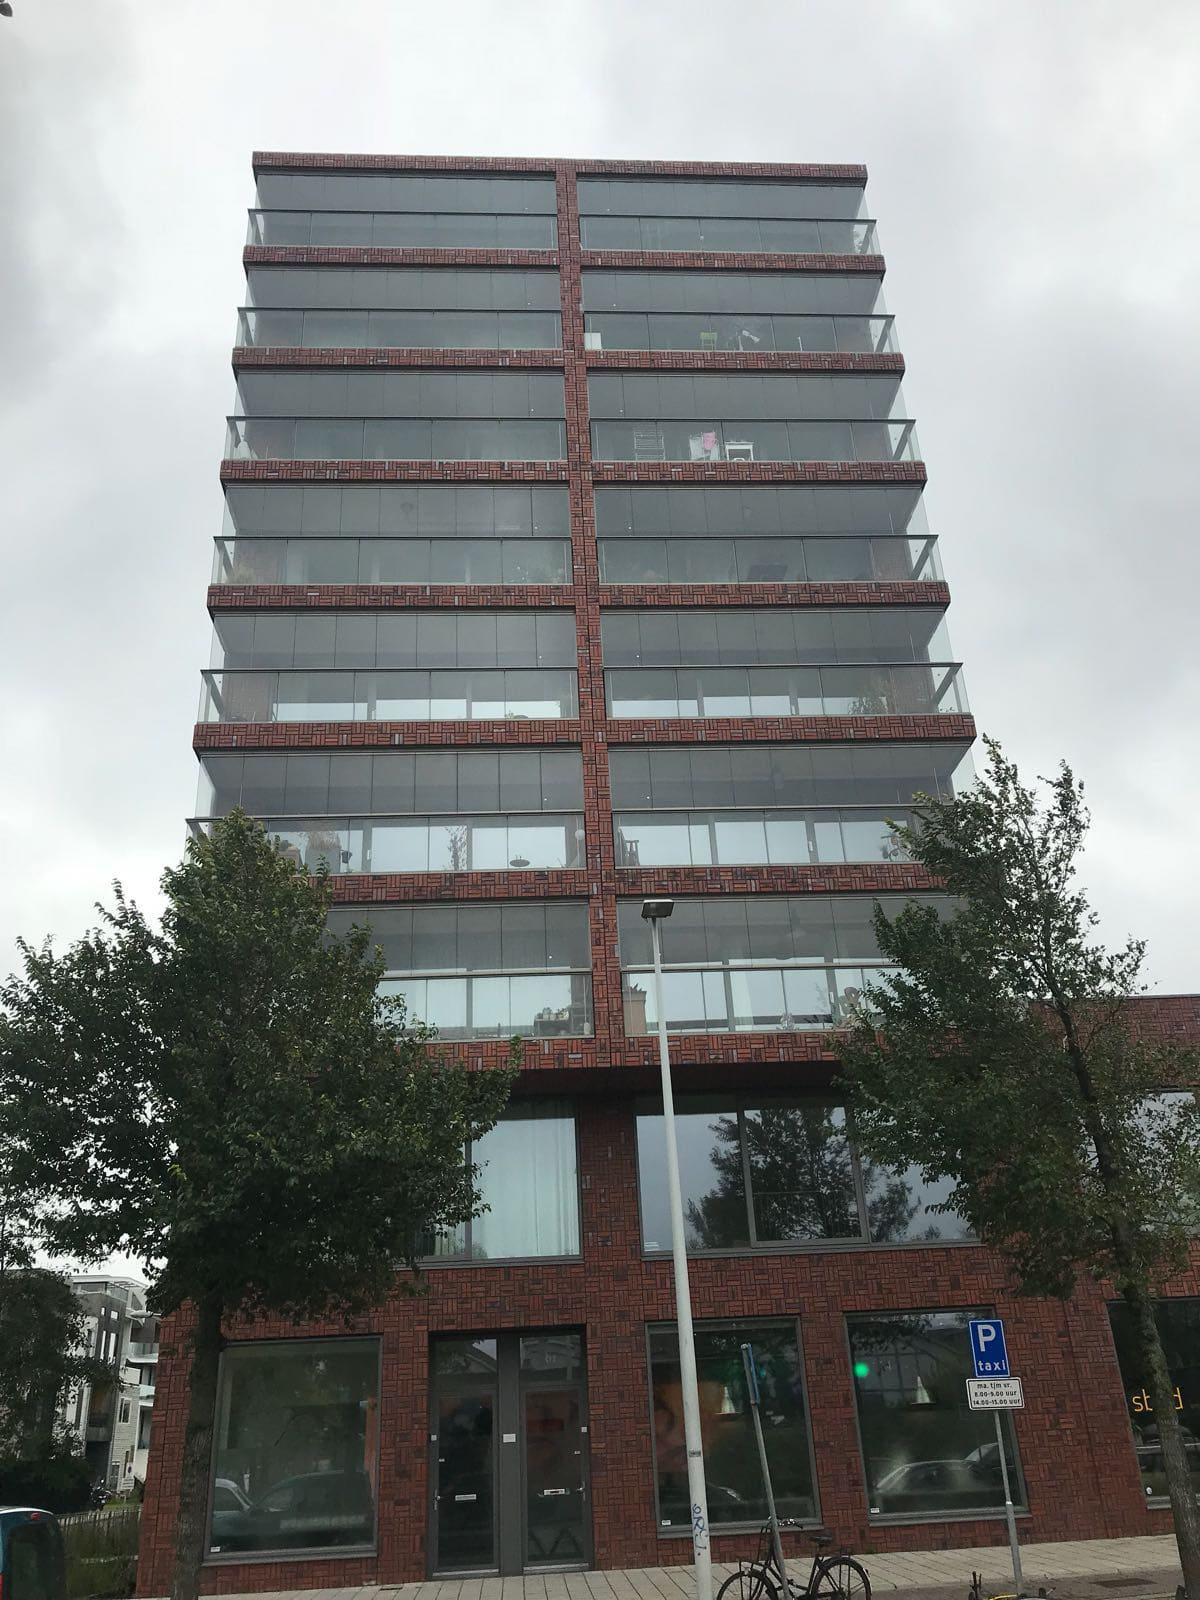 Loggia verglasen - Mehrparteienhaus